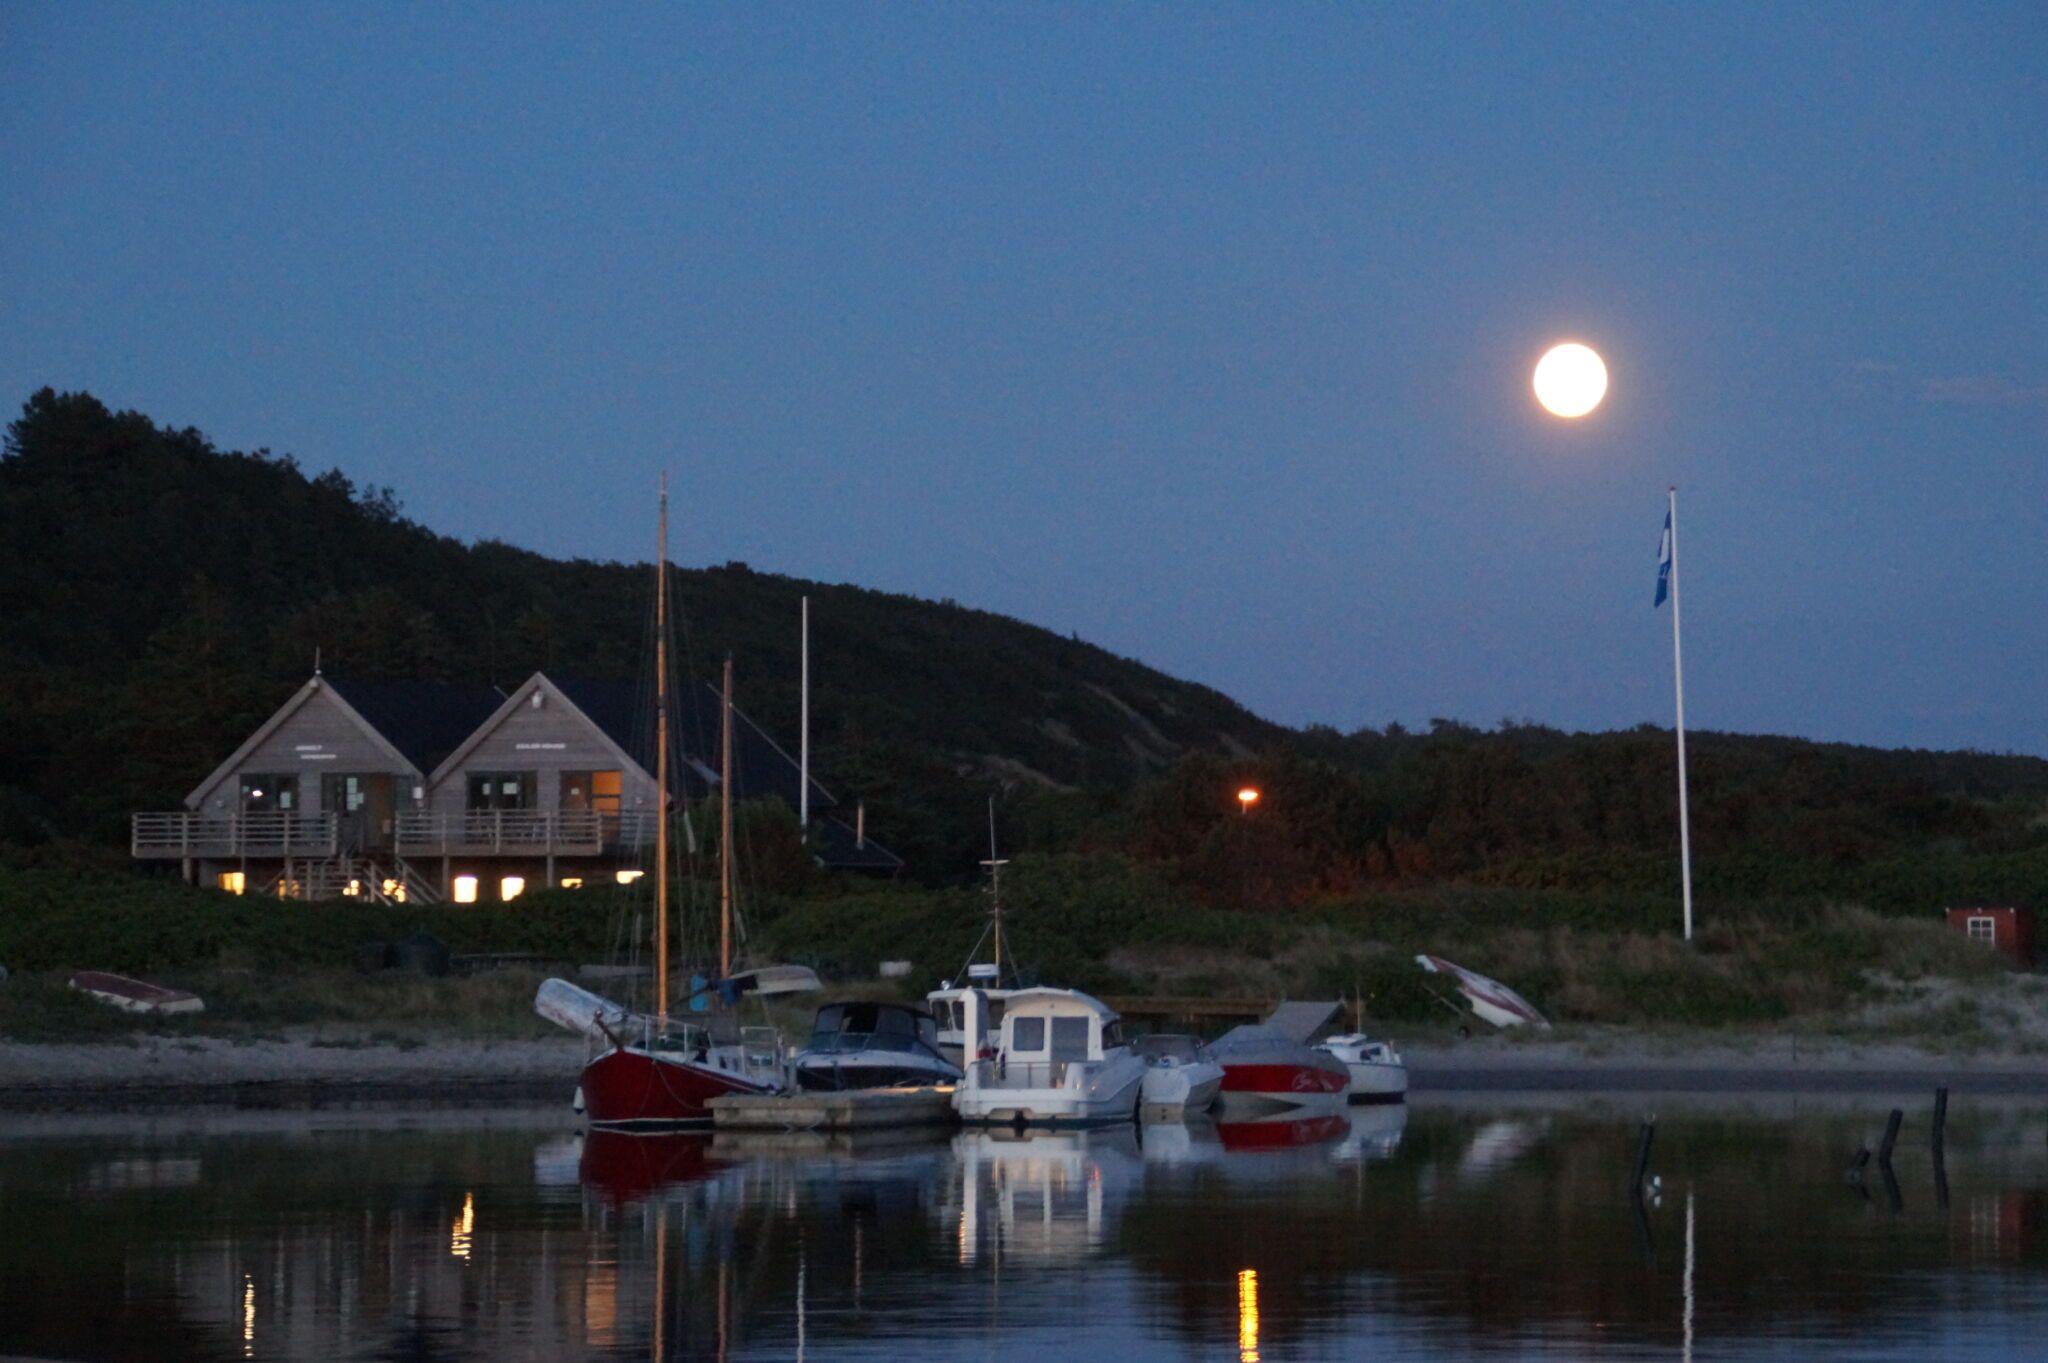 måneskin over anholt havn